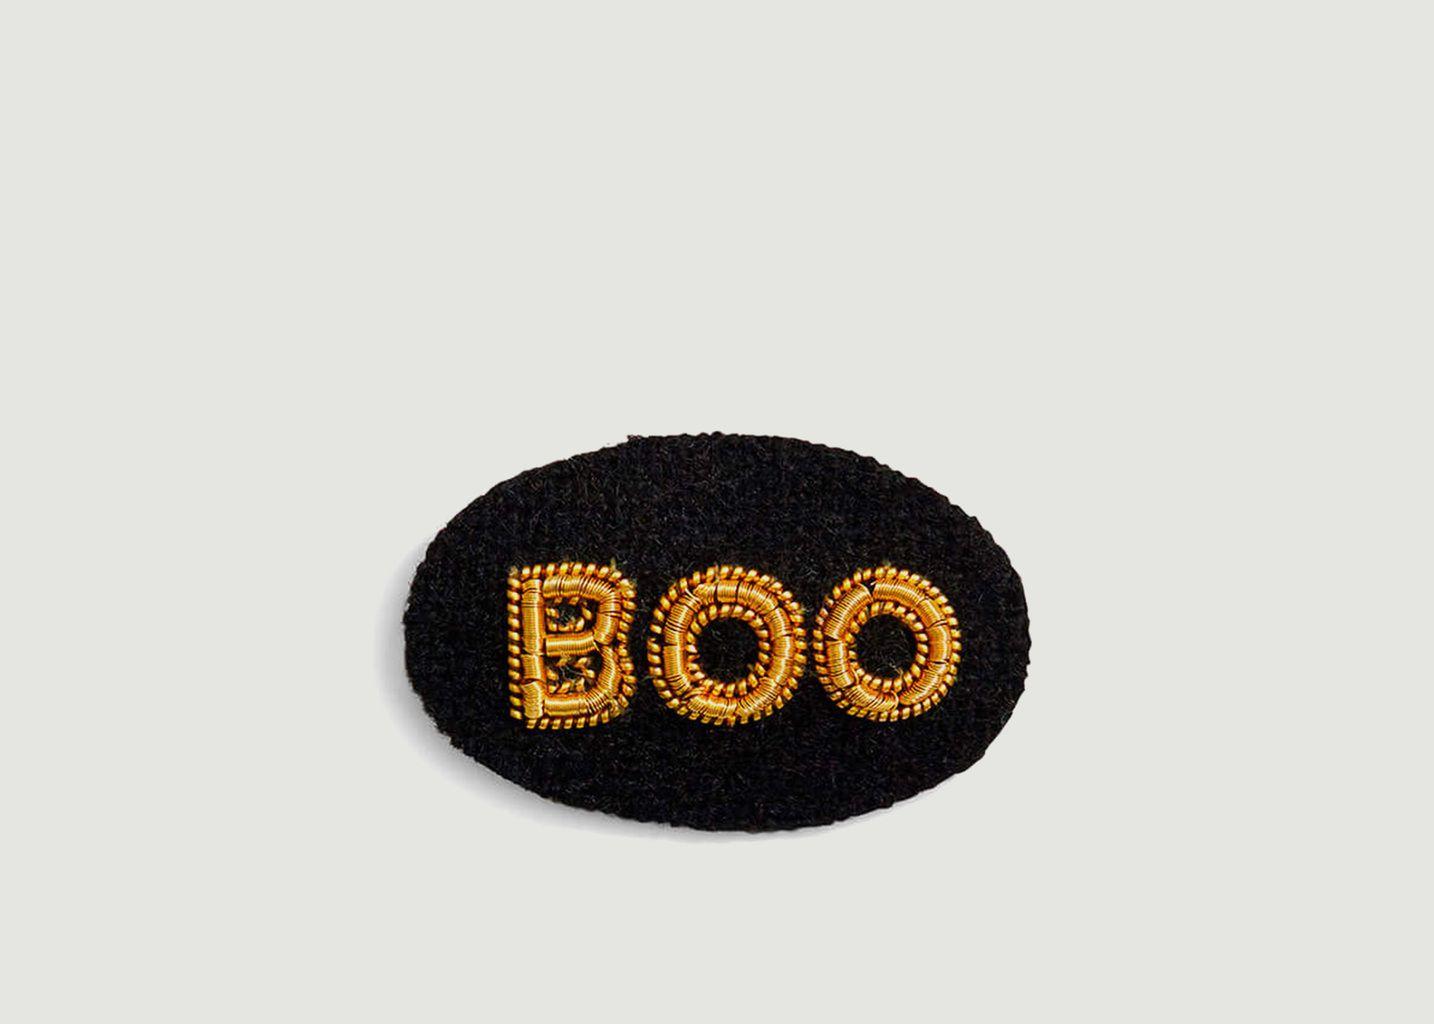 Broche Boo - Macon & Lesquoy